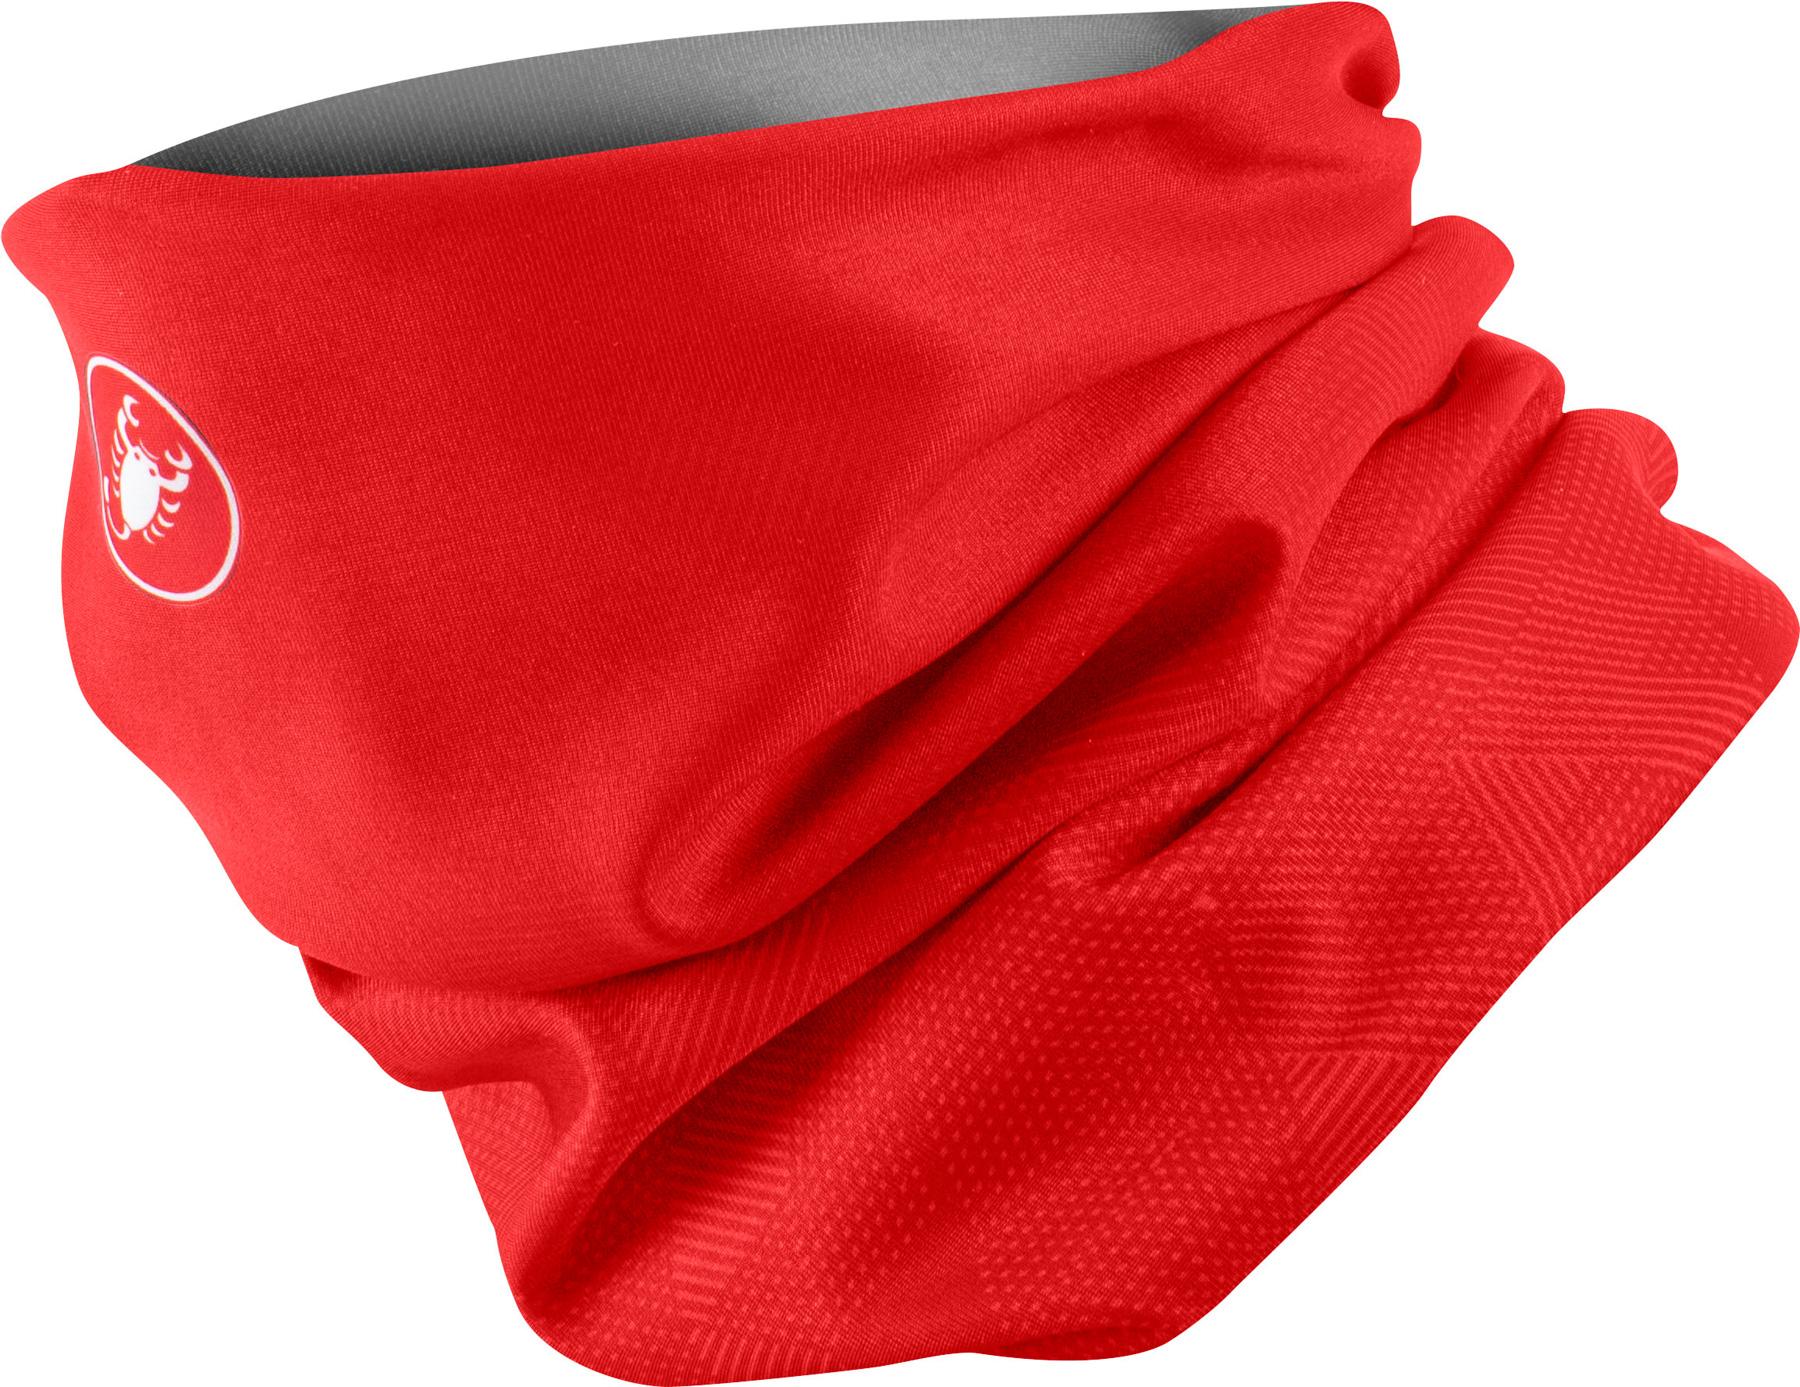 Produktbild von Castelli Pro Thermal Head Thingy - red 023